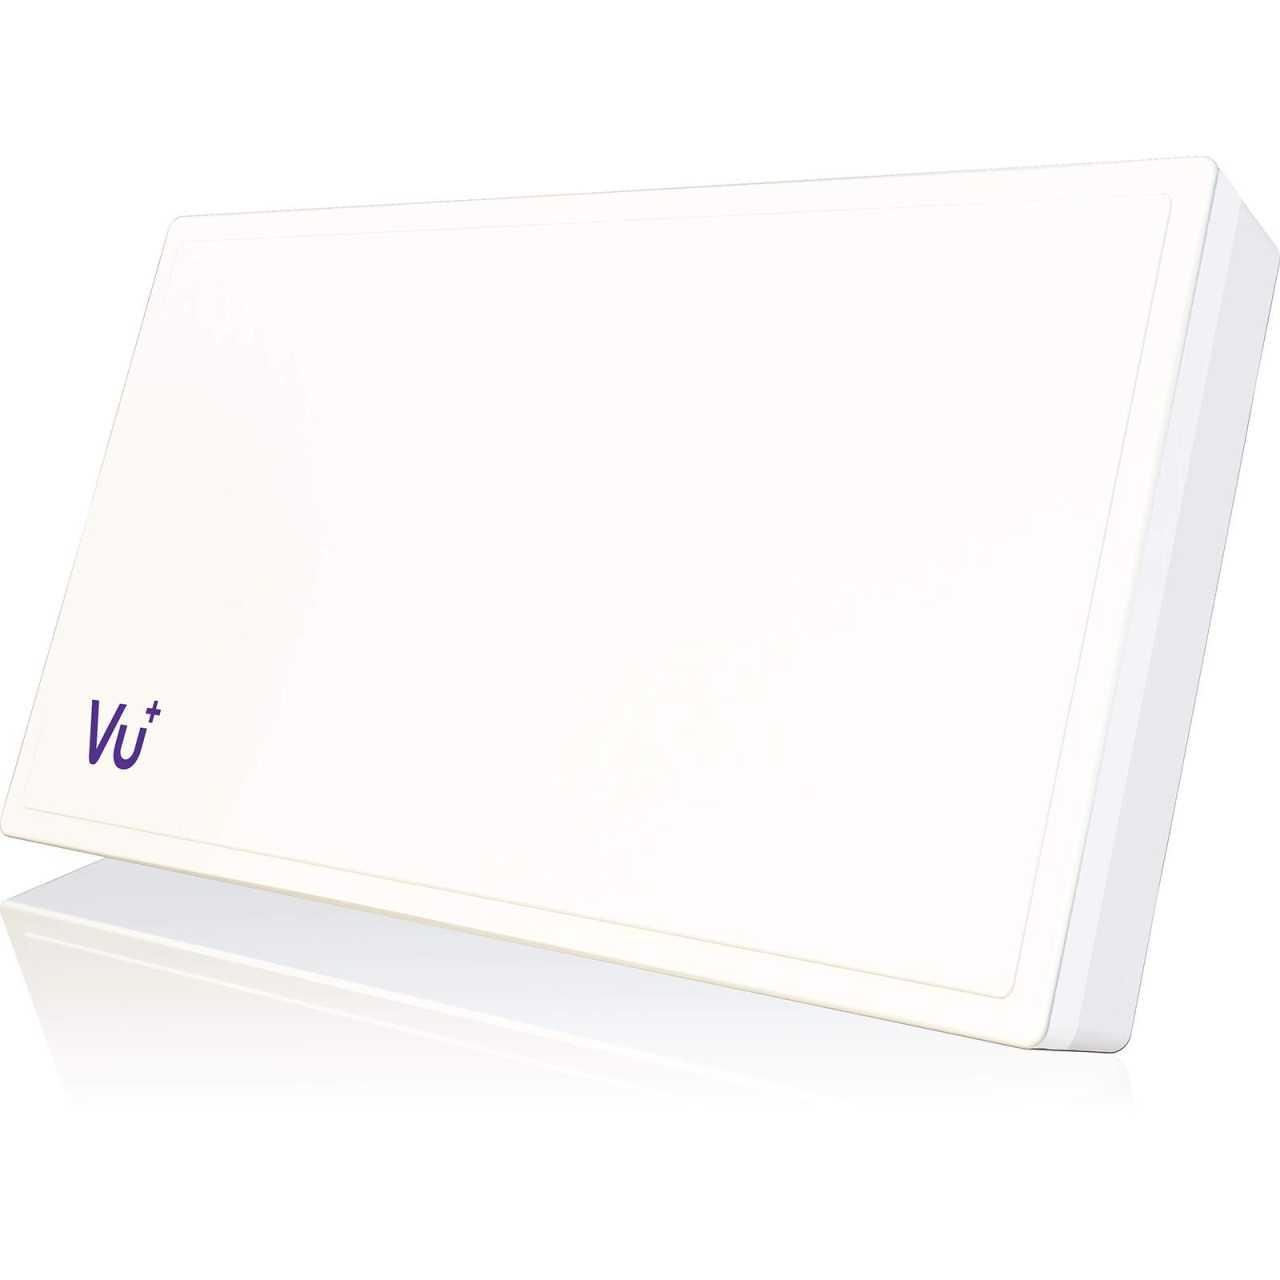 VU+ Selfsat H38D1 Flachantenne Single inkl. Fensterhalterung ANTVU01